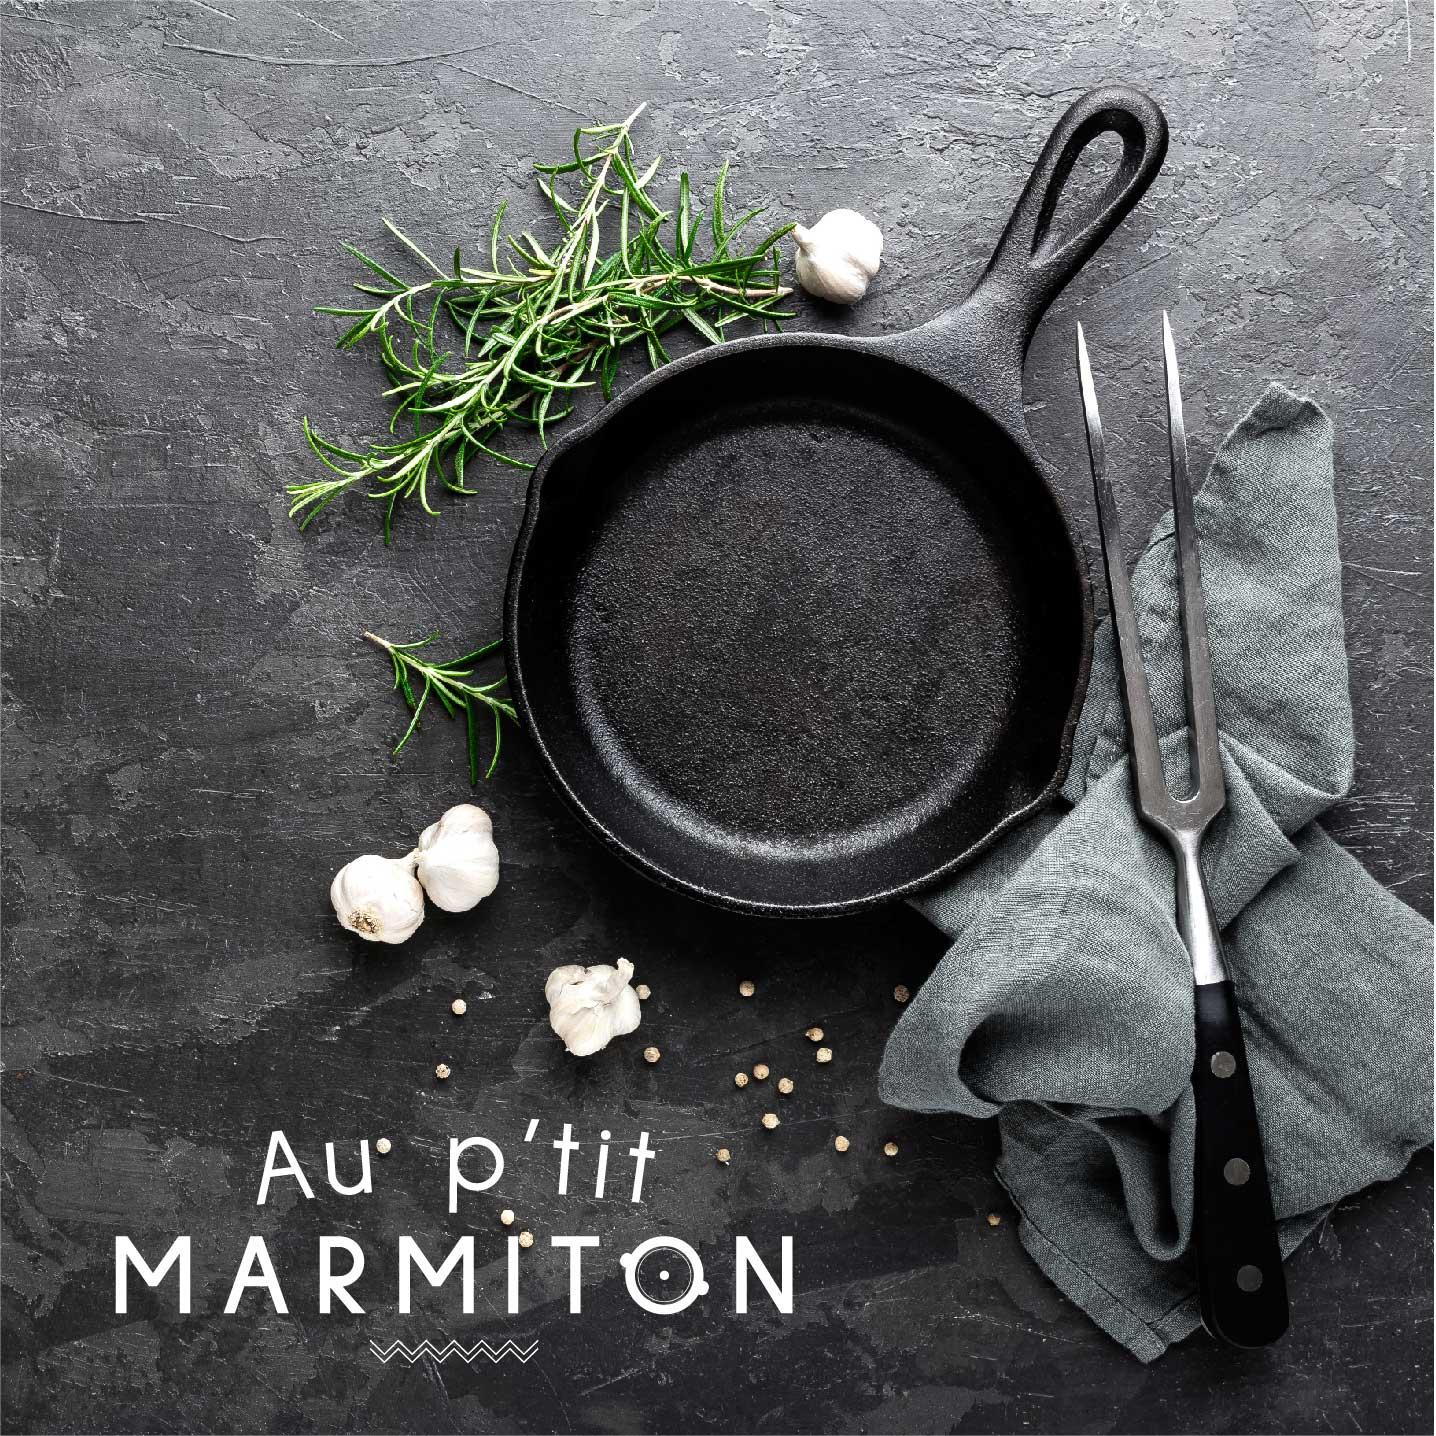 Au p'tit marmiton - reAu p'tit marmiton - restaurant - vannes - logo